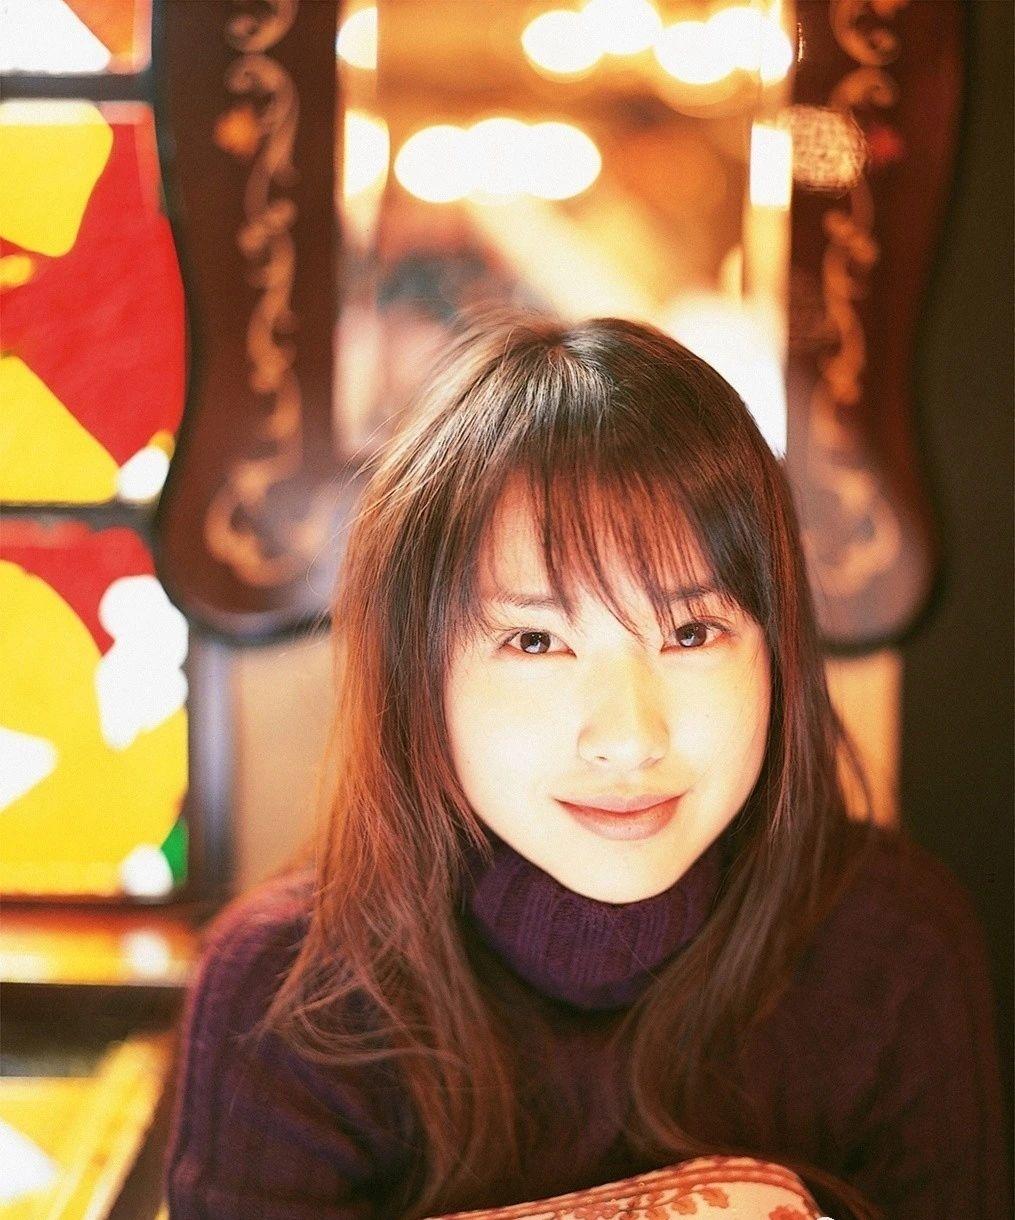 美的不可方物少女时代的户田惠梨香写真作品 (66)